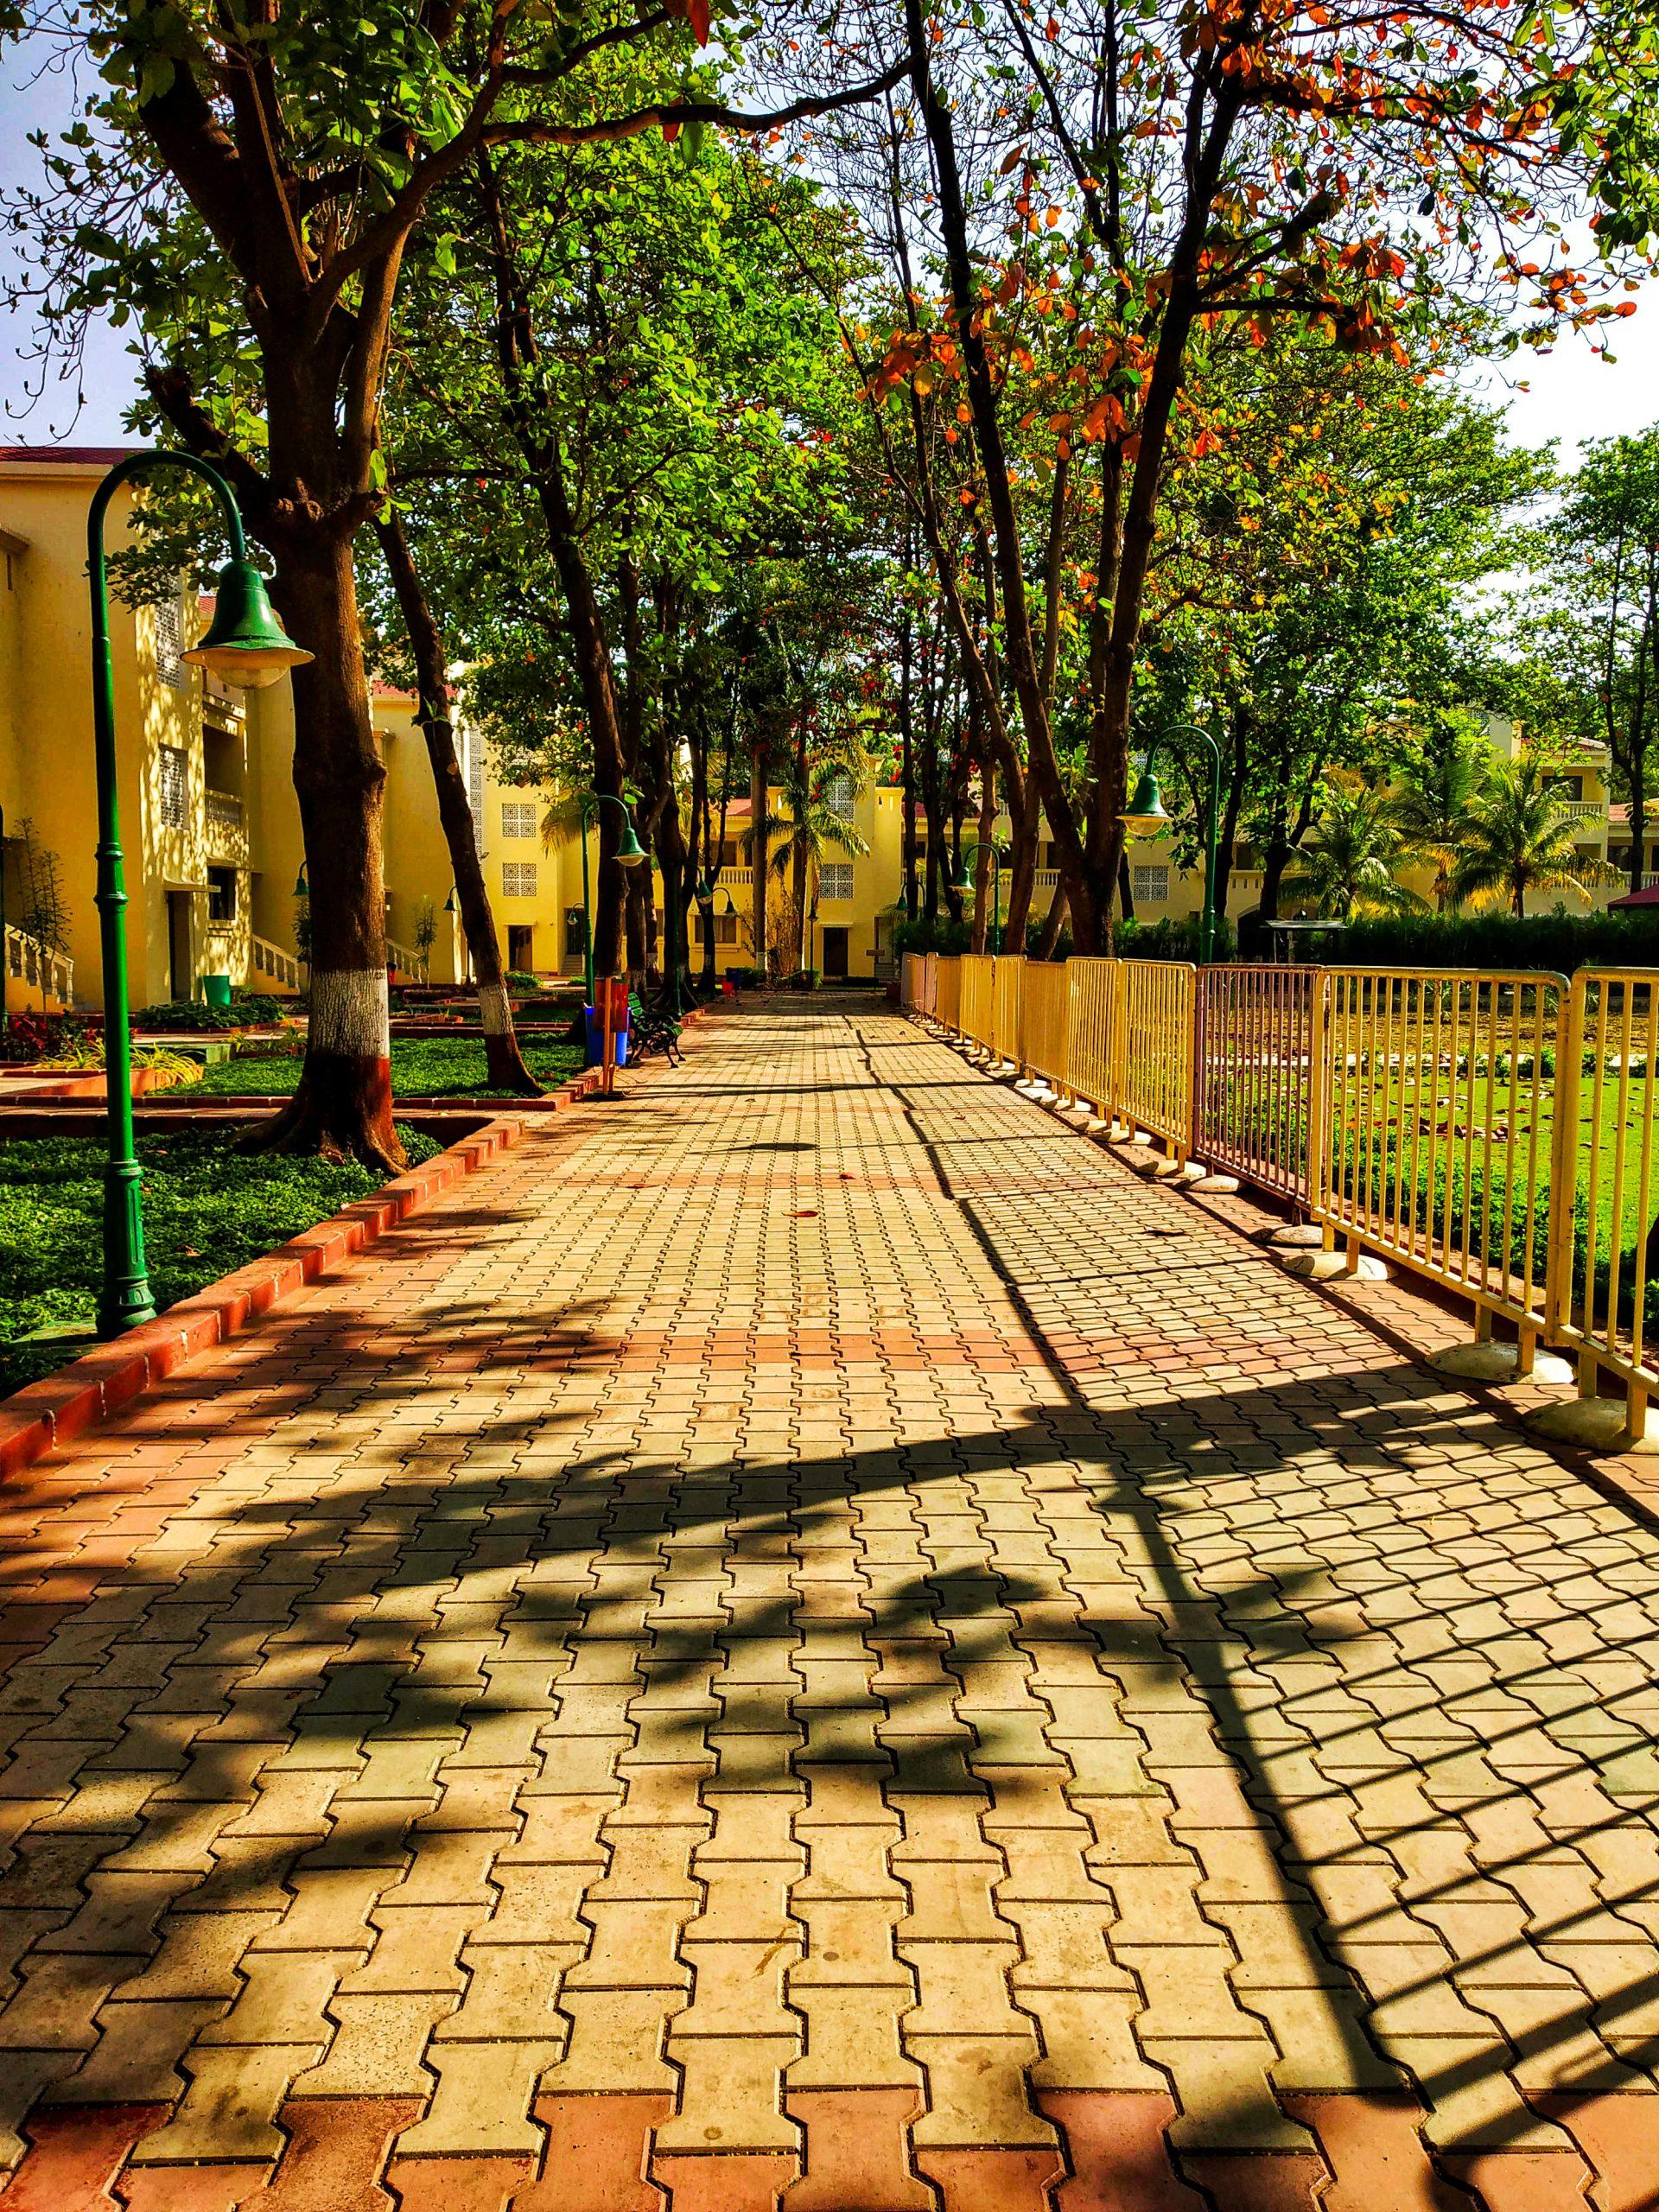 Walkway in the garden